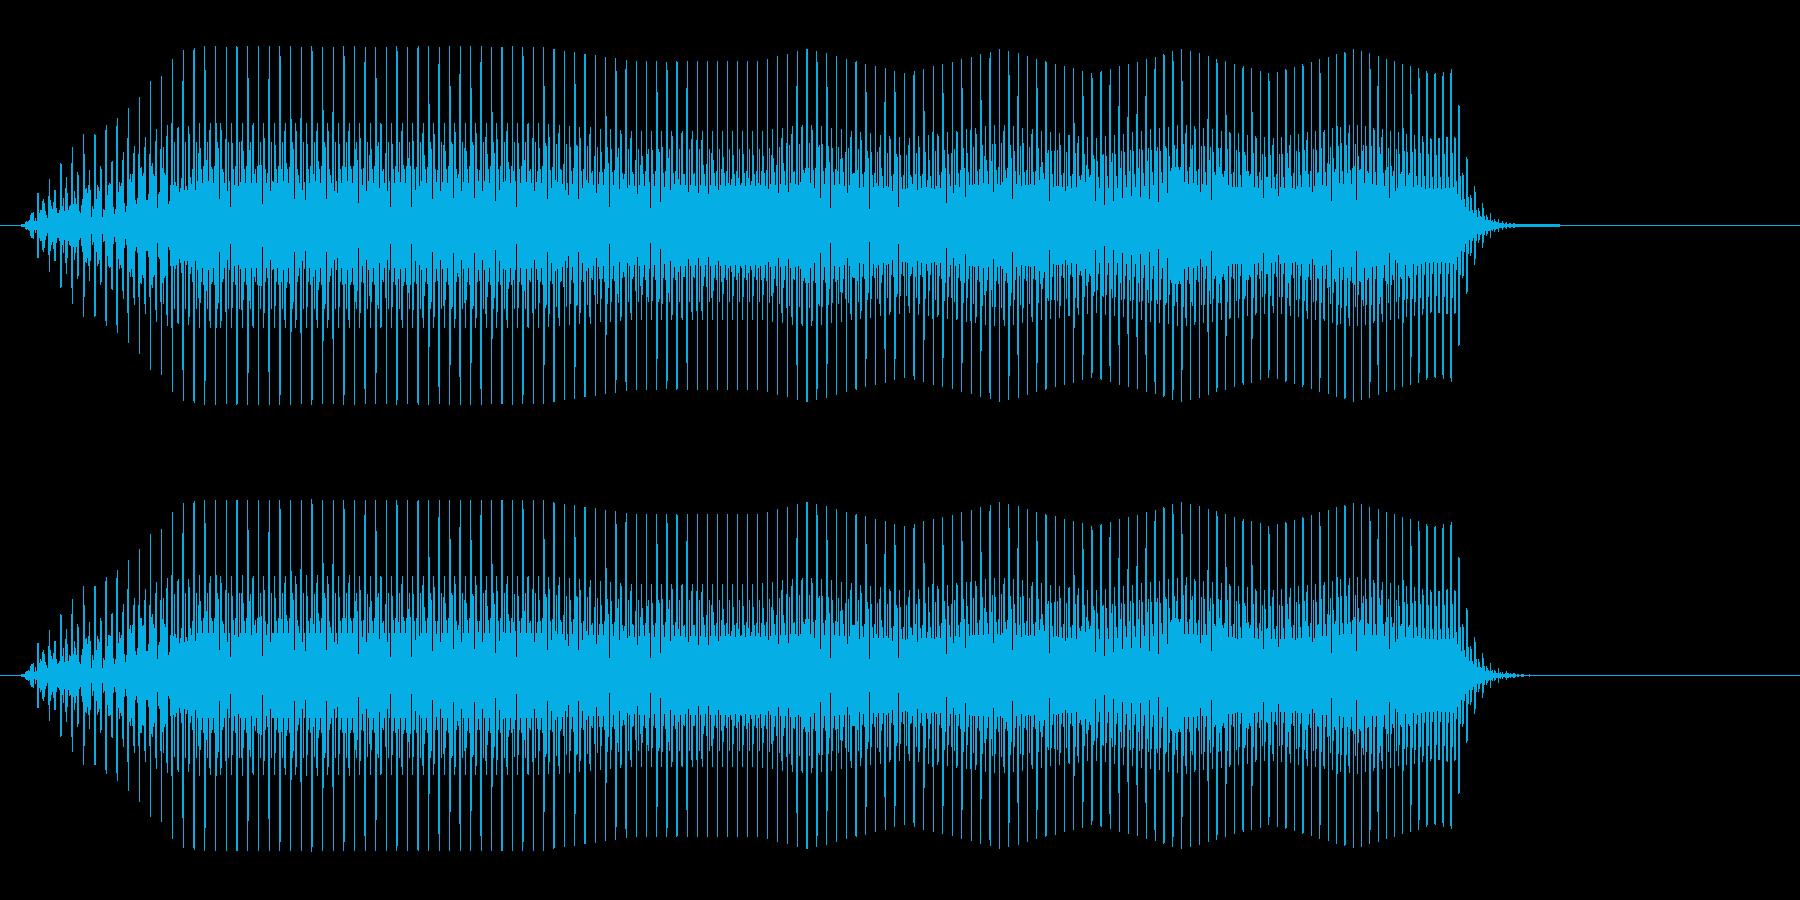 プワーッ(コミカル)の再生済みの波形